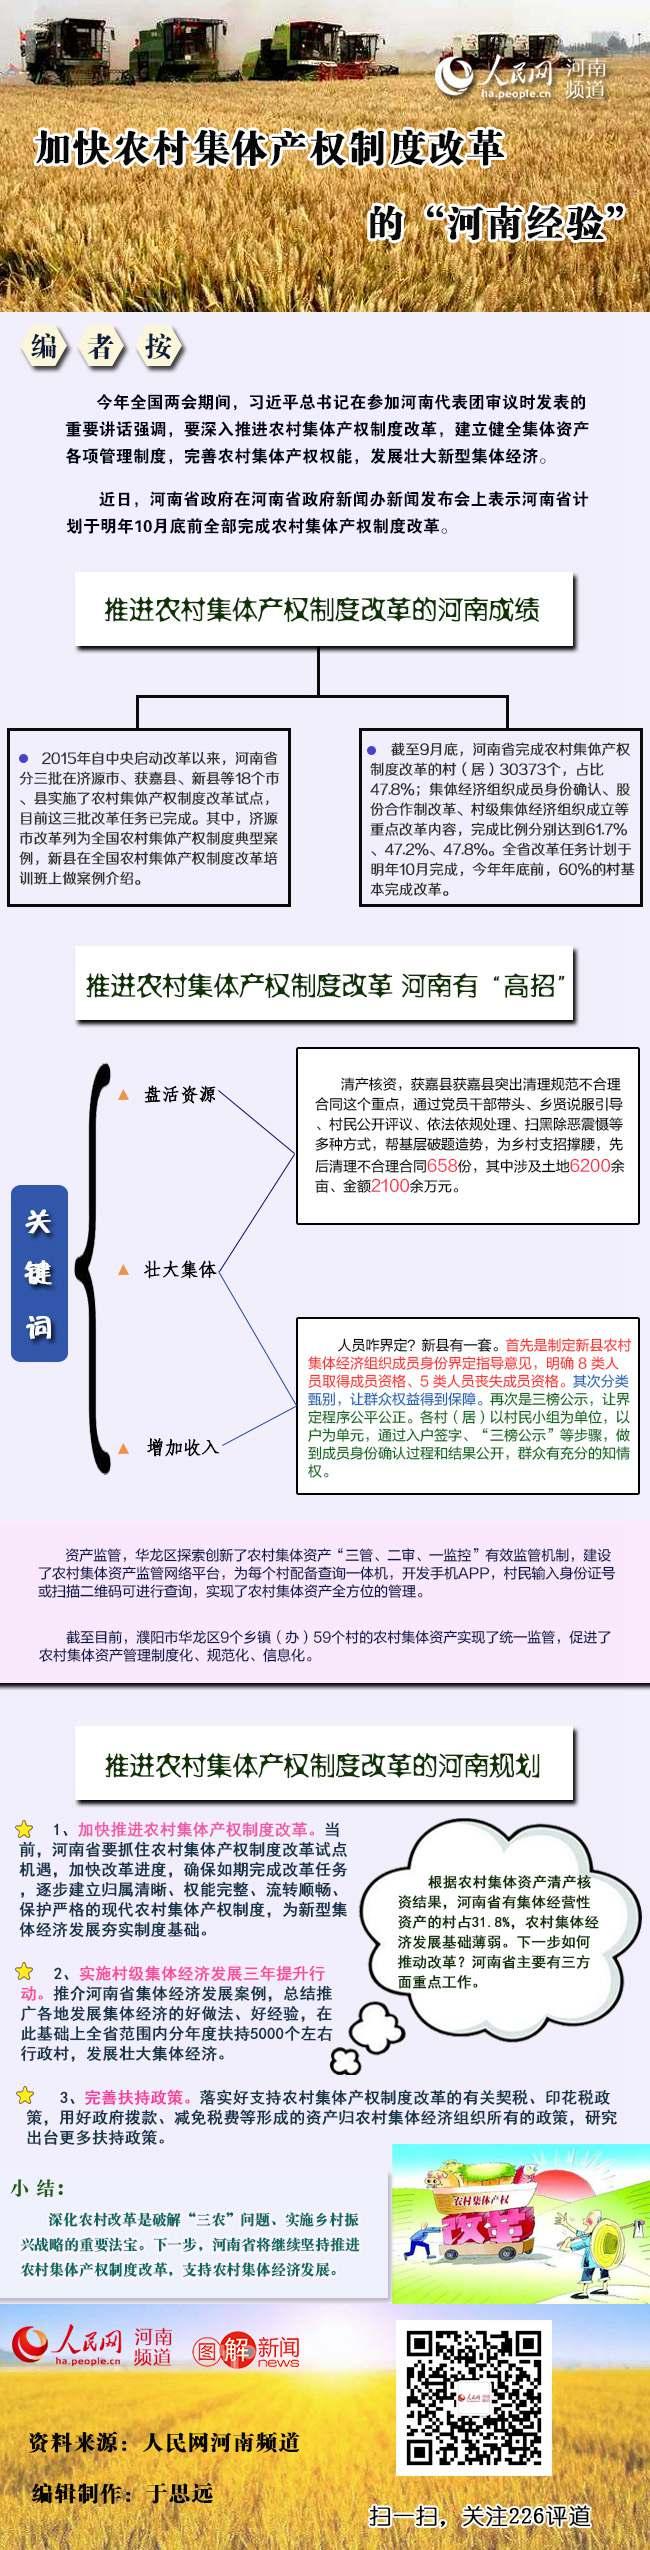 """加快推进农村集体产权制度改革的""""河南经验"""""""